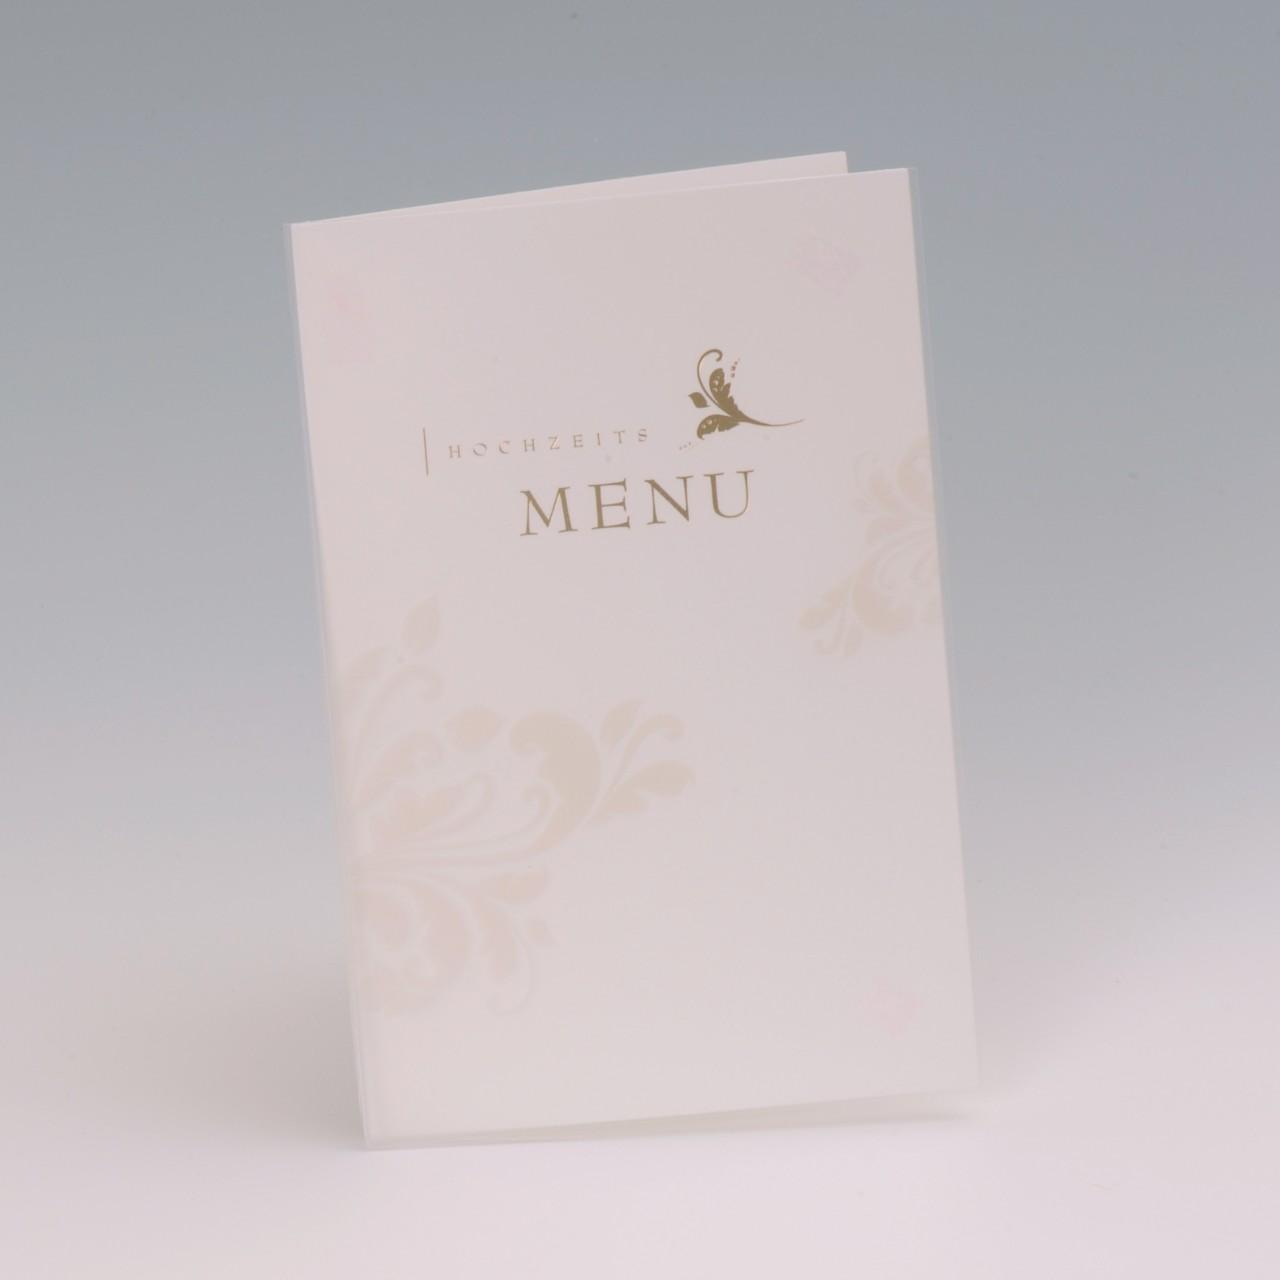 Die Menukarte weiß fügt sich in stiller Zurückhaltung gekonnt in eine festliche Tischdekoration ein und unterstreicht diese gekonnt. Jetzt bestellen.